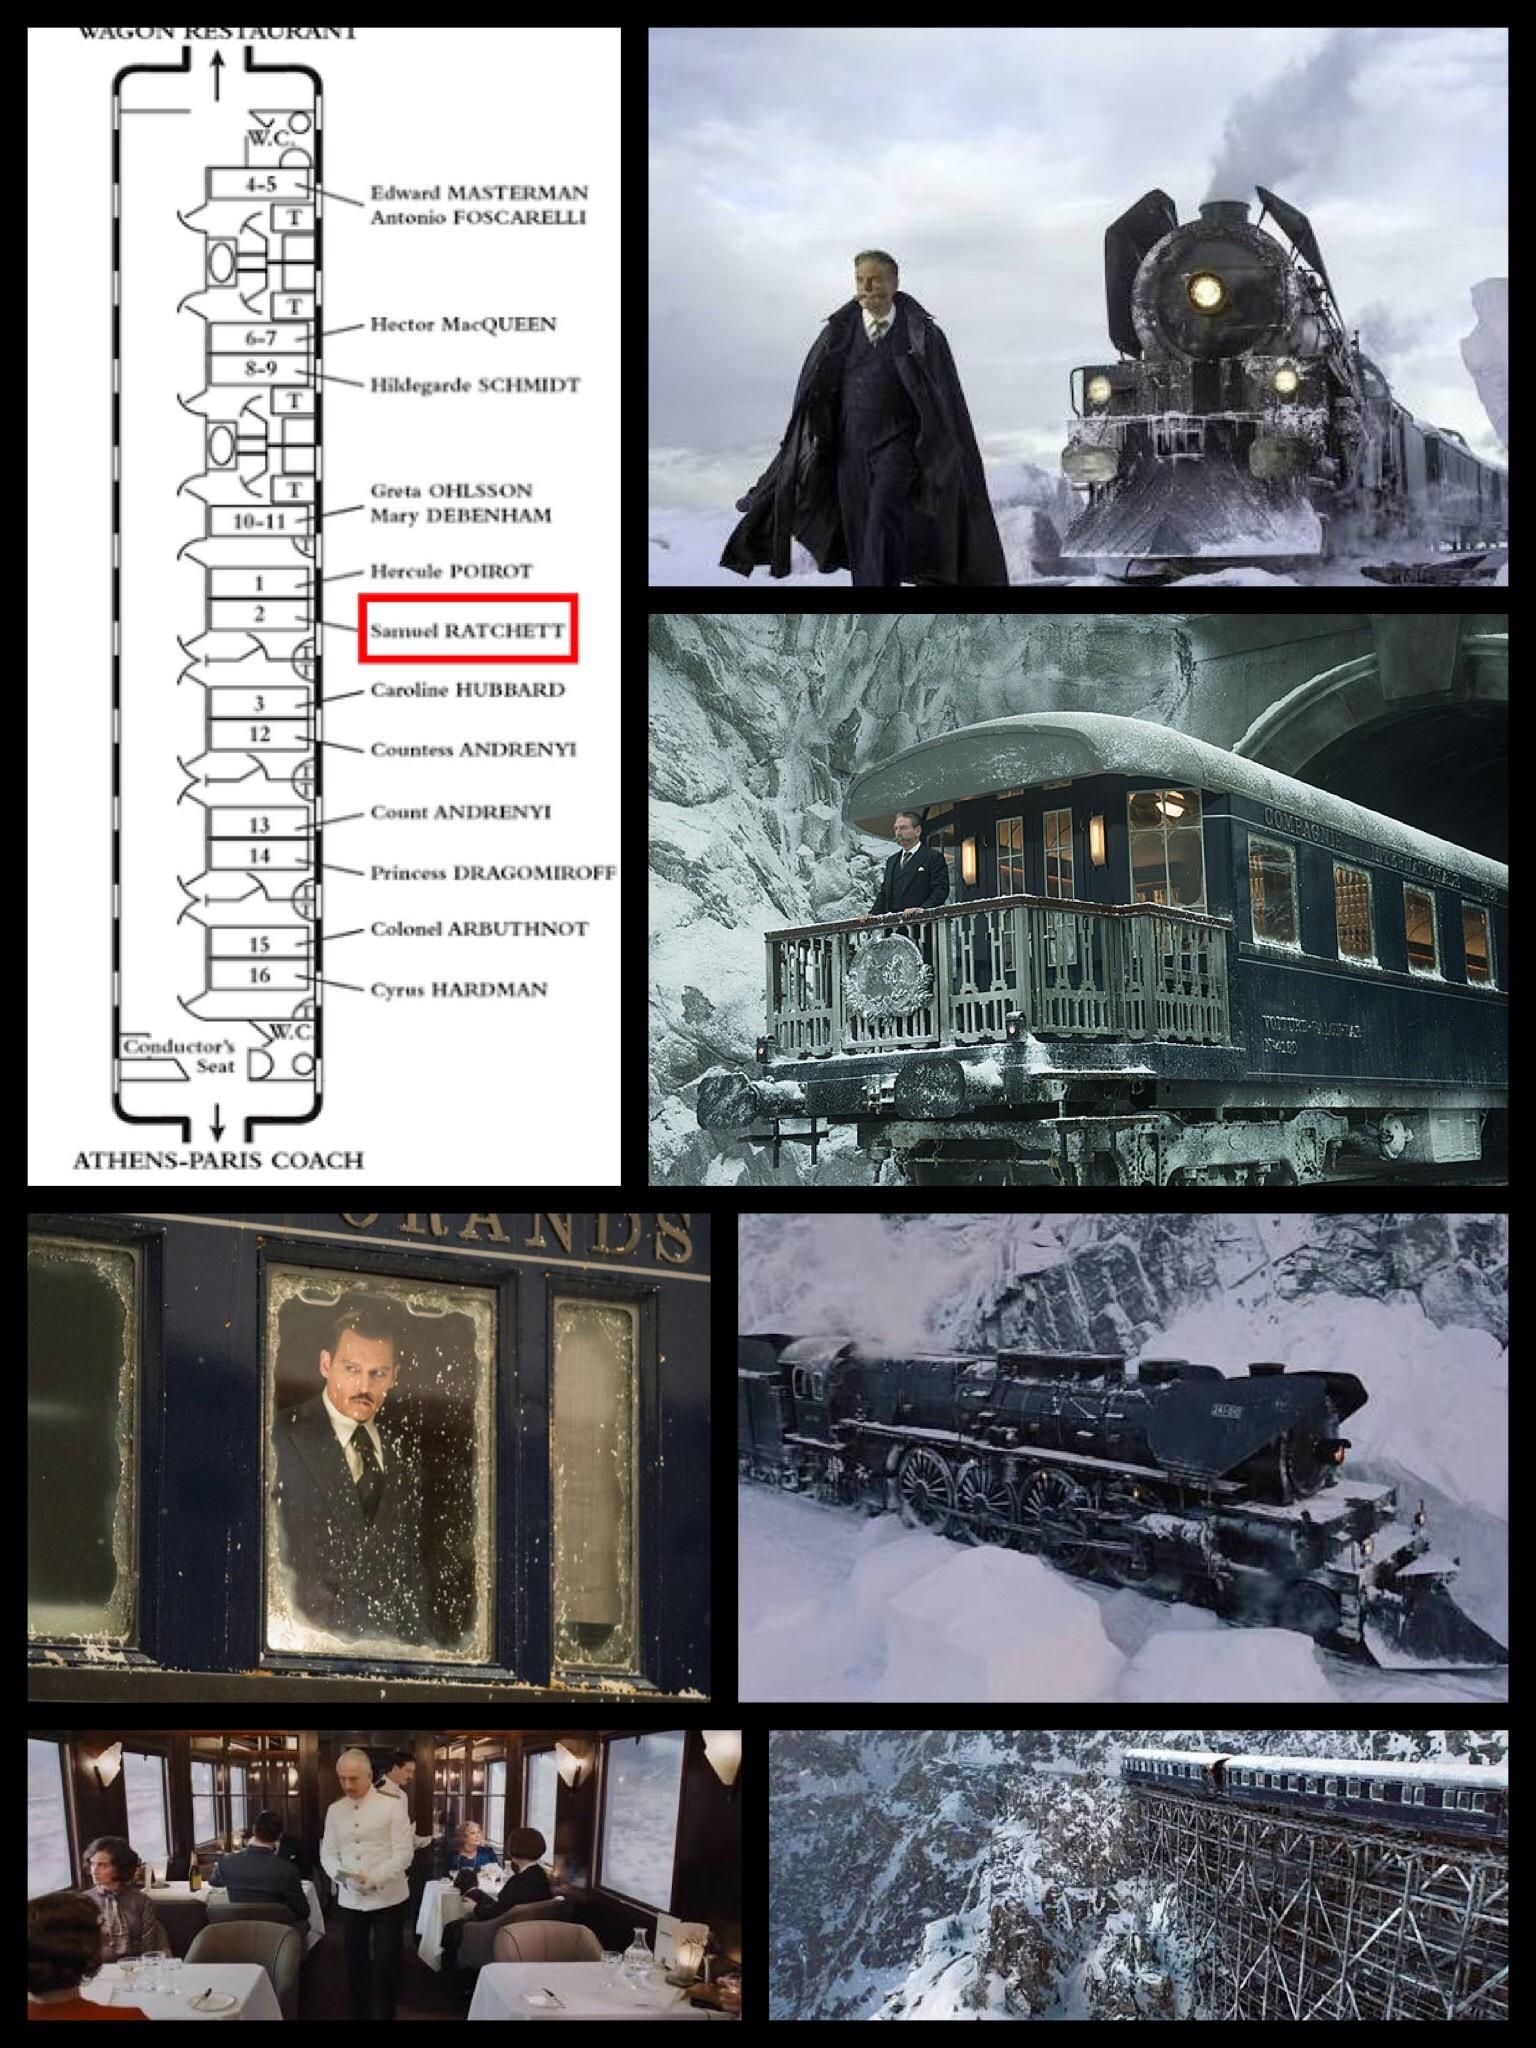 オリエント急行殺人事件2017 列車